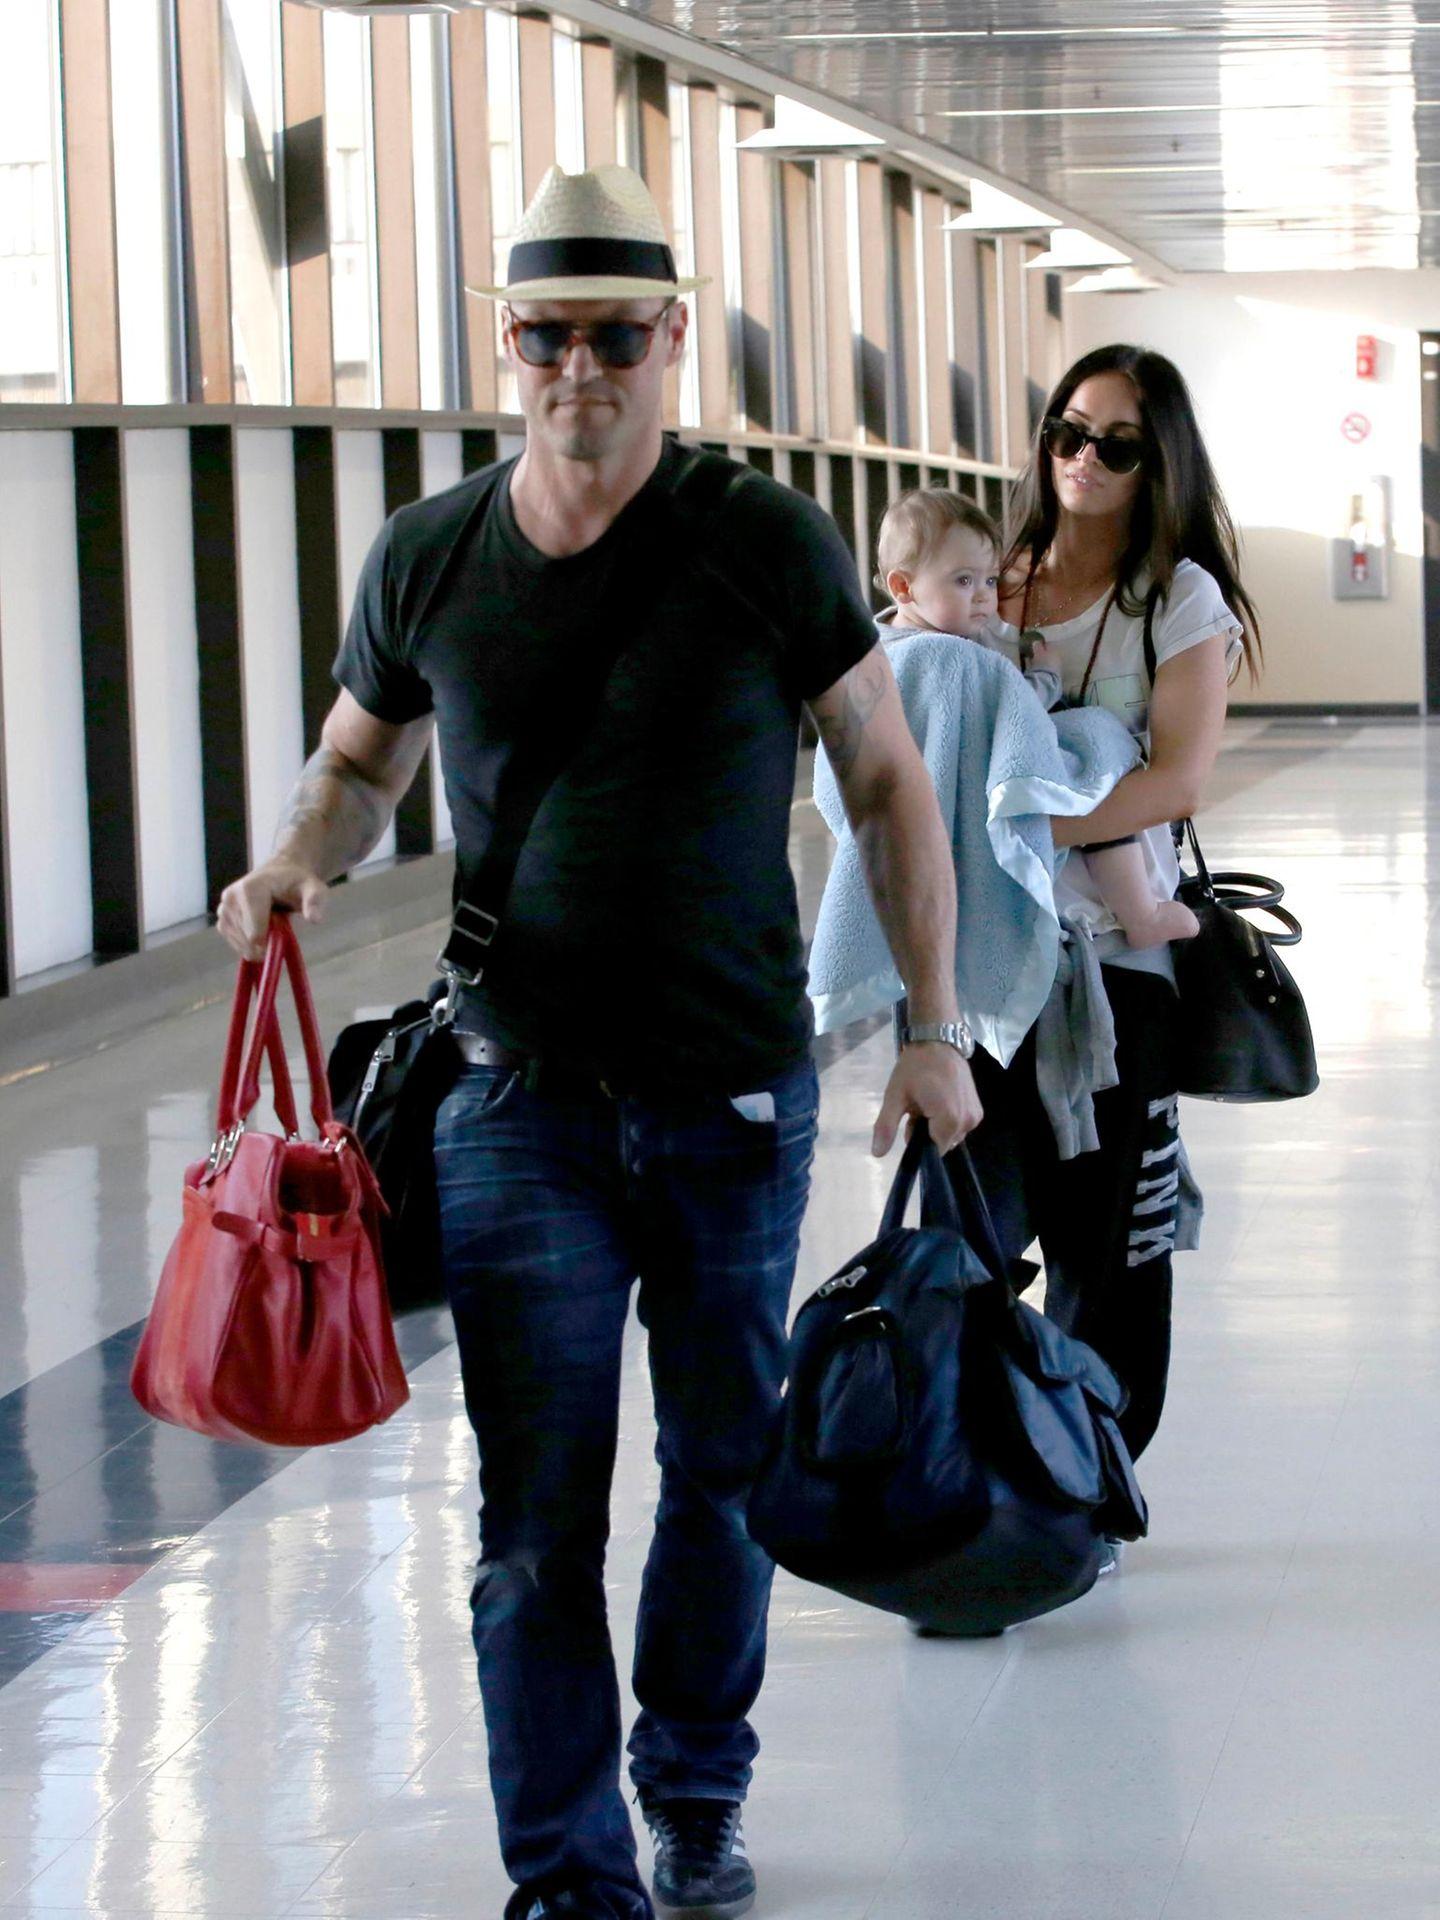 Am Flughafen von Los Angeles sind Brian Austin Green und Megan Fox mit ihrem kleinen Sohn auf dem Weg zum Flieger.